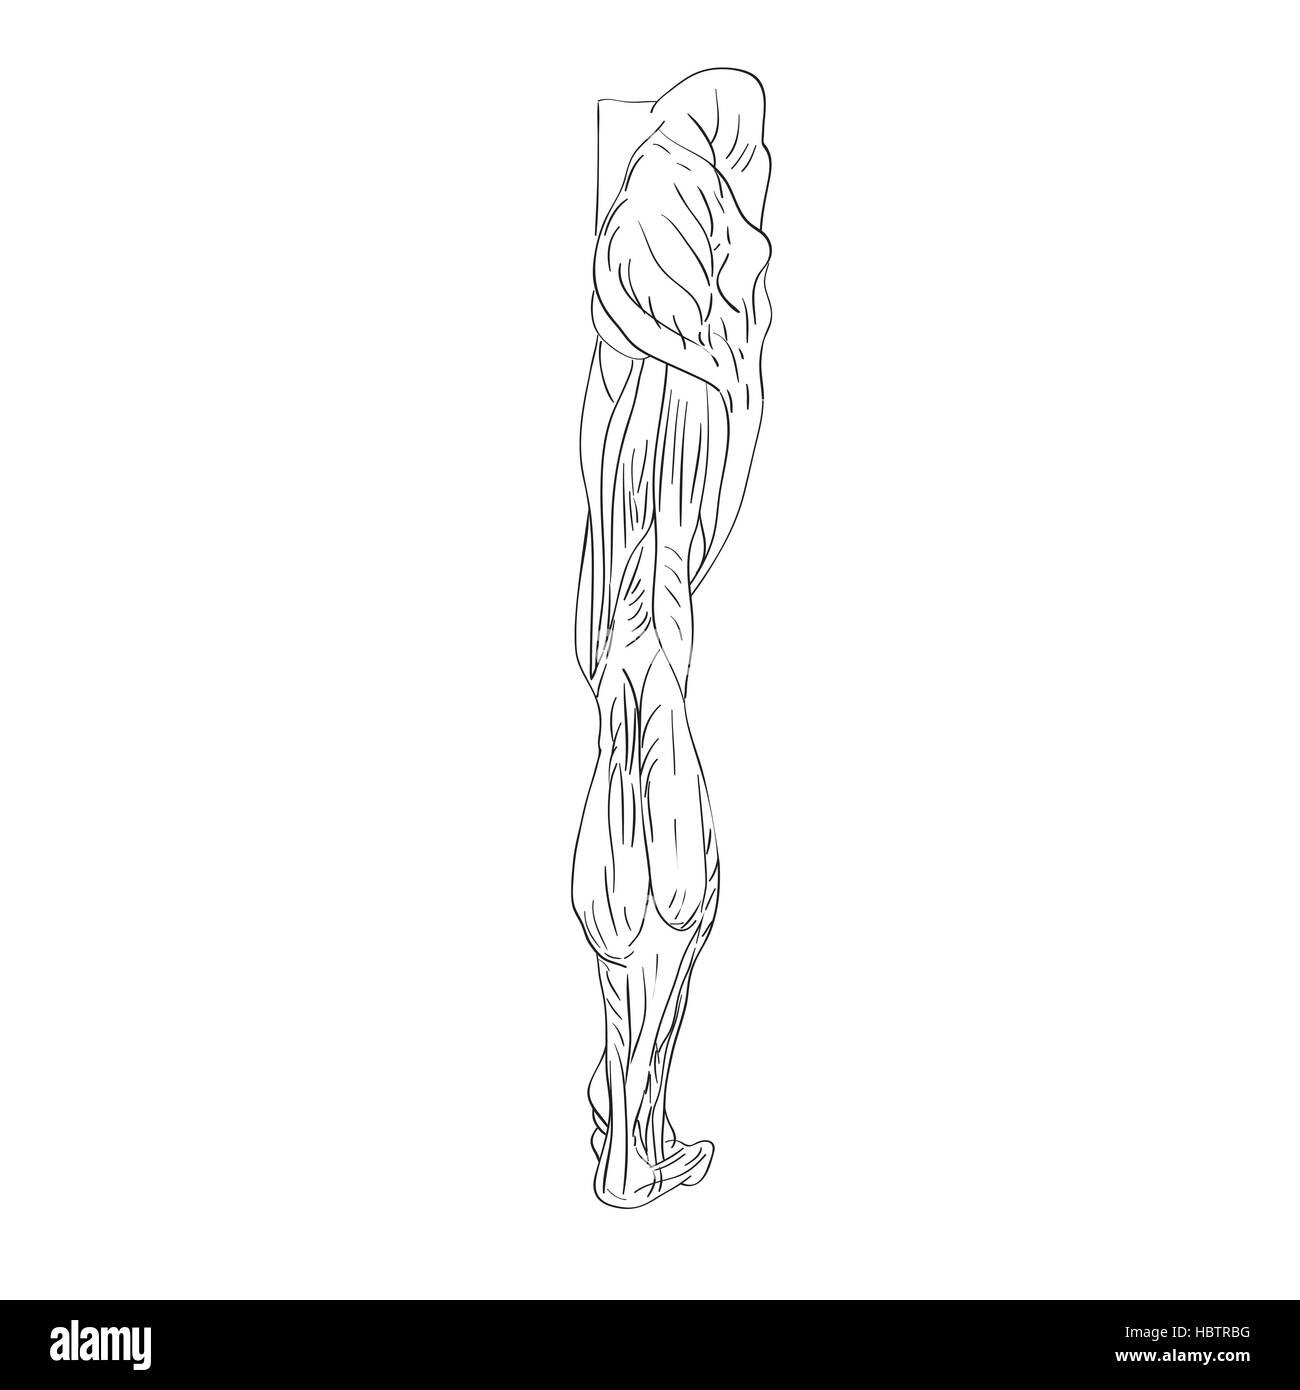 Nett Beinmuskulatur Quiz Galerie - Menschliche Anatomie Bilder ...